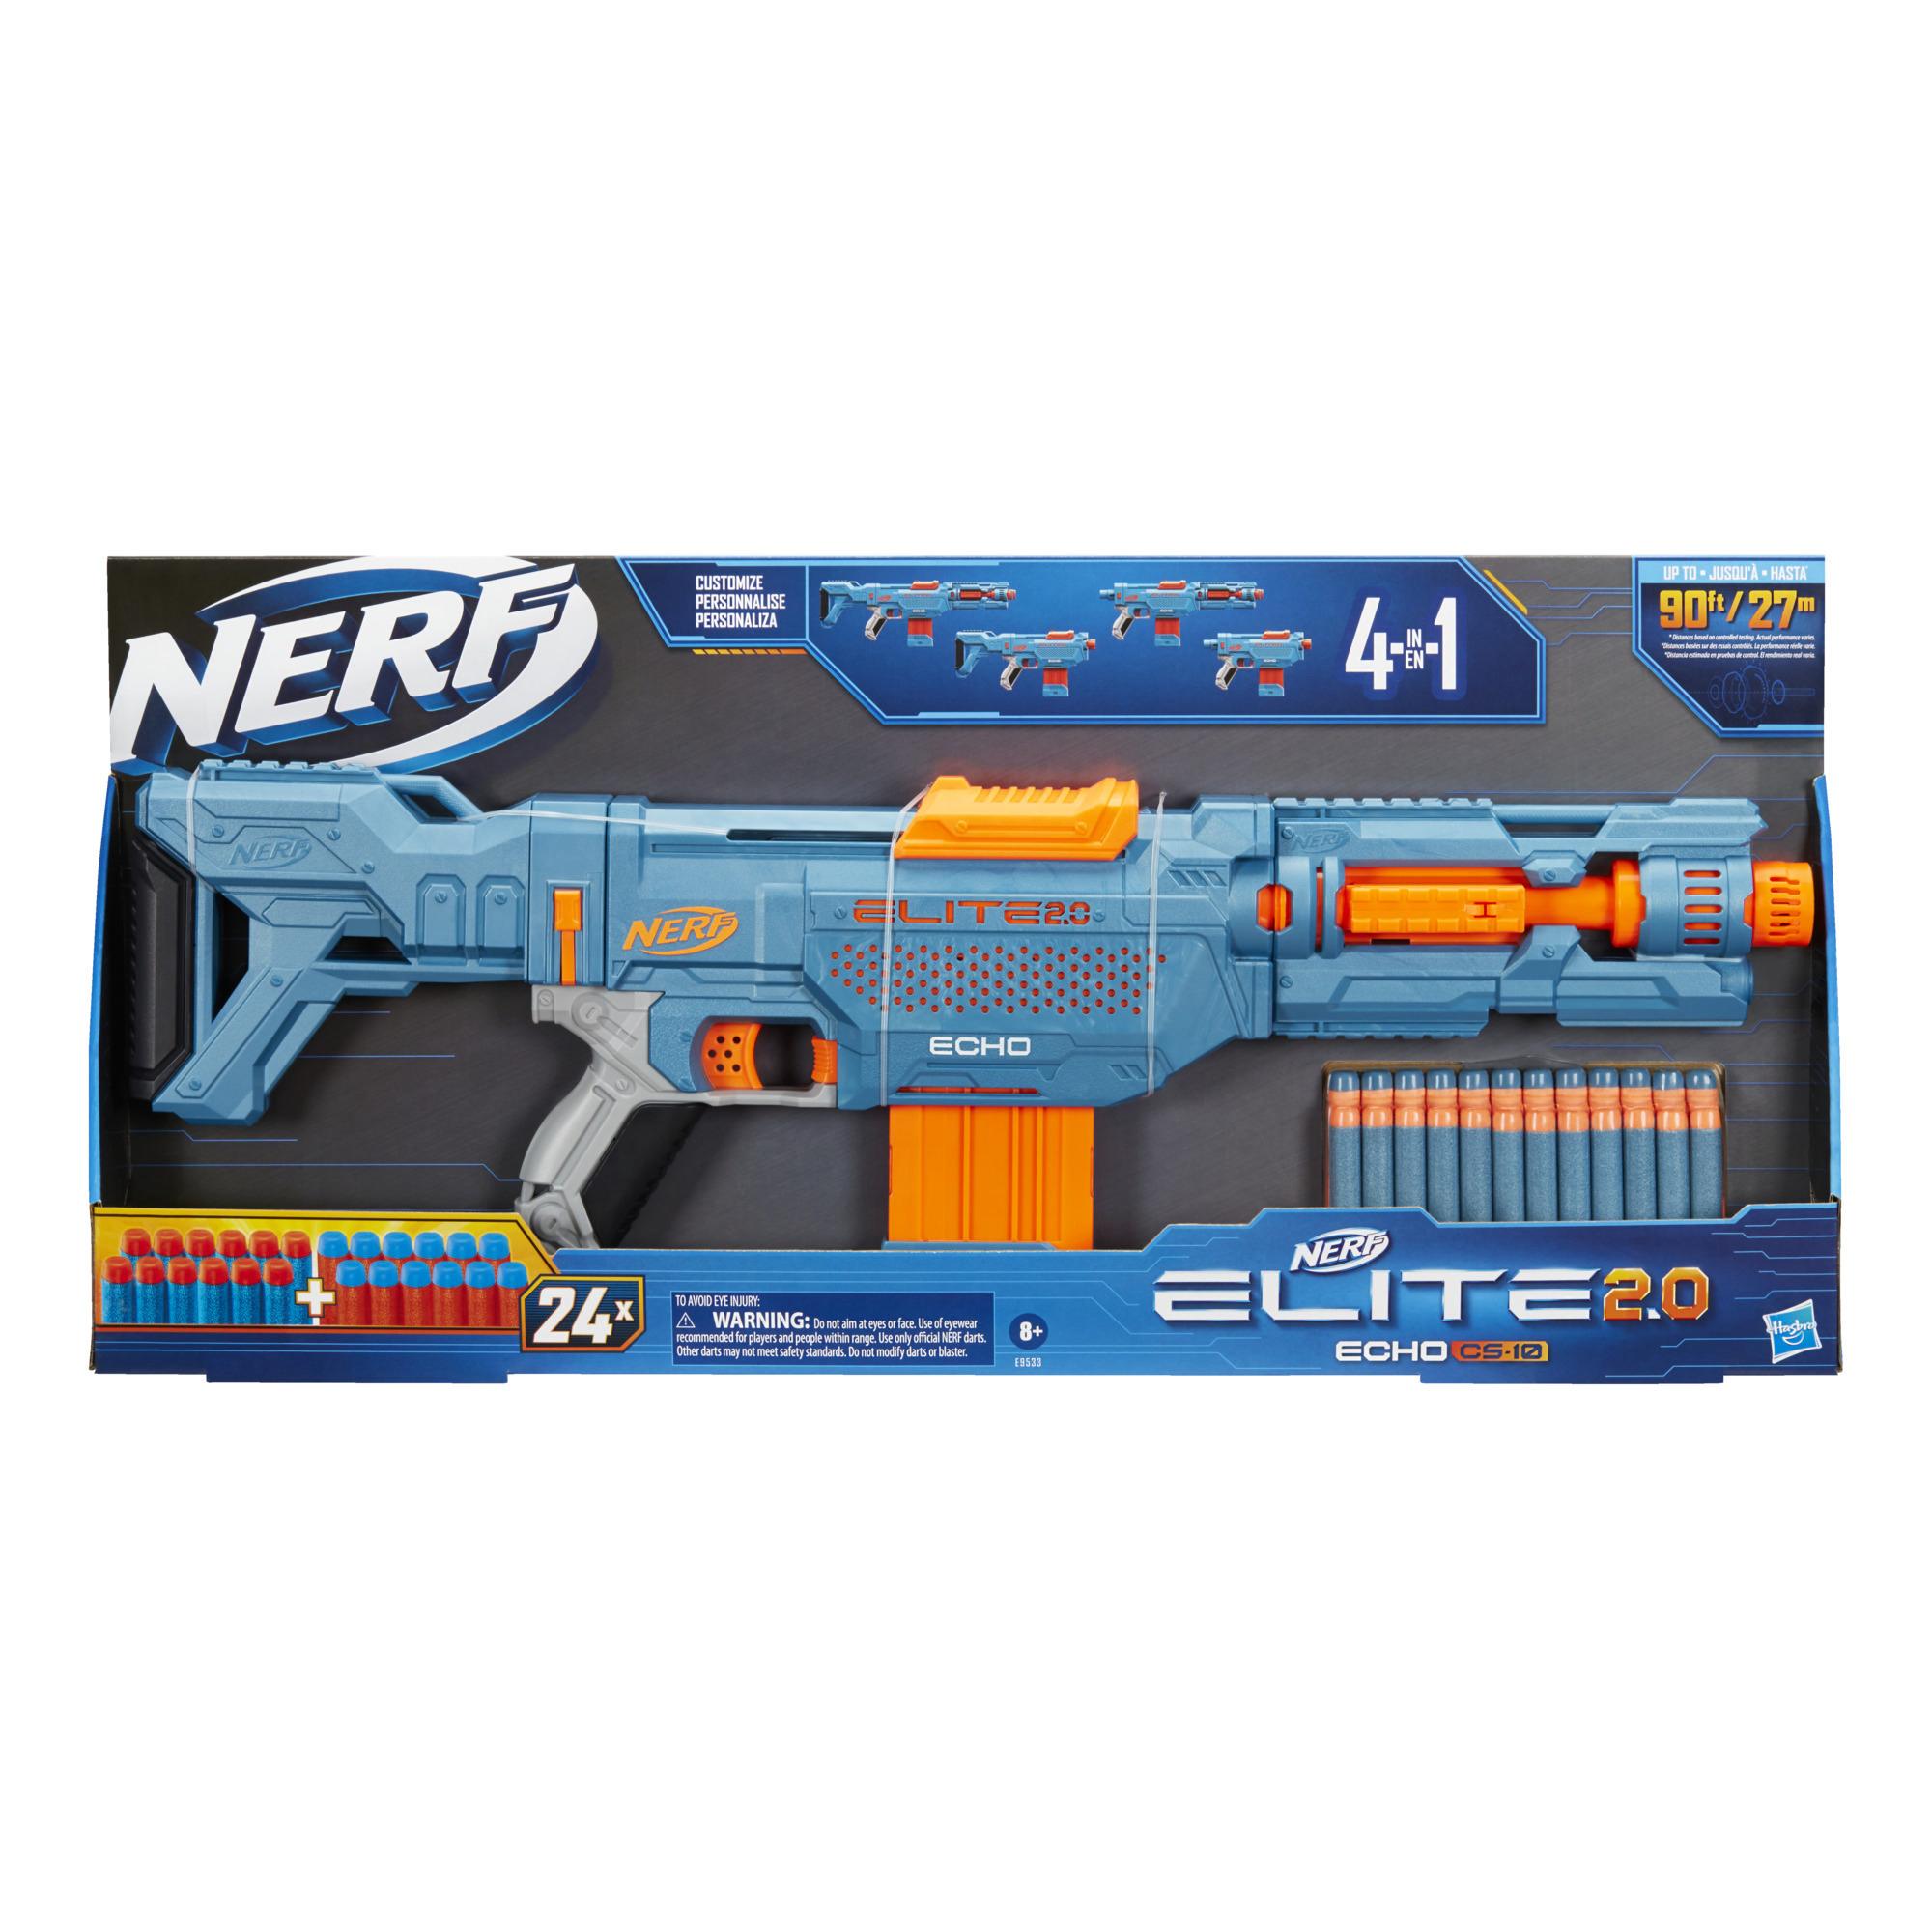 Nerf Elite2.0 Echo CS-10 Blaster, 24originálních šipek Nerf, zásobník na 10šipek, odnímatelná pažba anástavec hlavně, 4taktické kolejnice